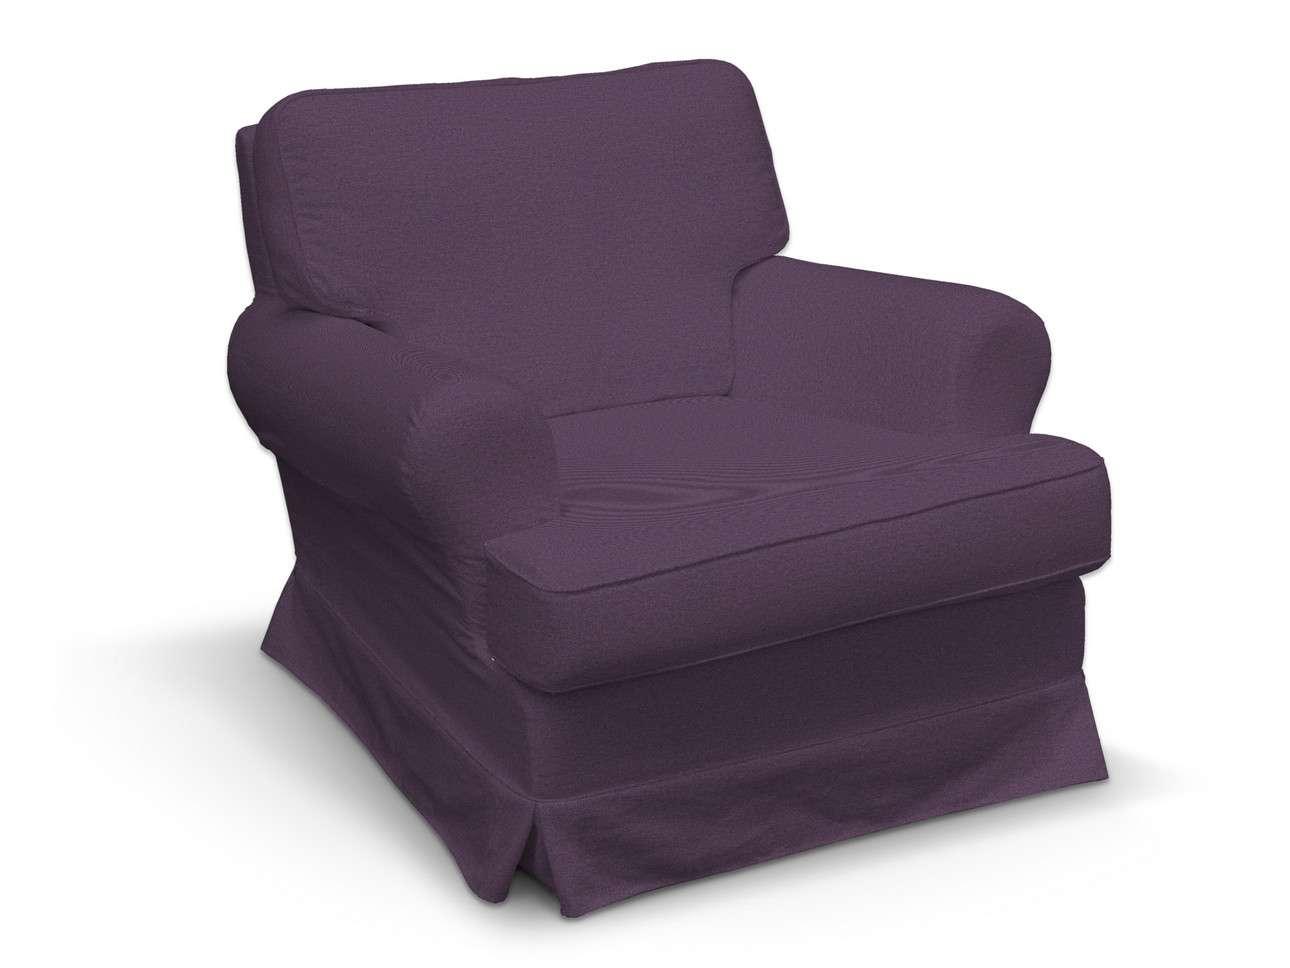 Bezug für Barkaby Sessel von der Kollektion Etna, Stoff: 161-27